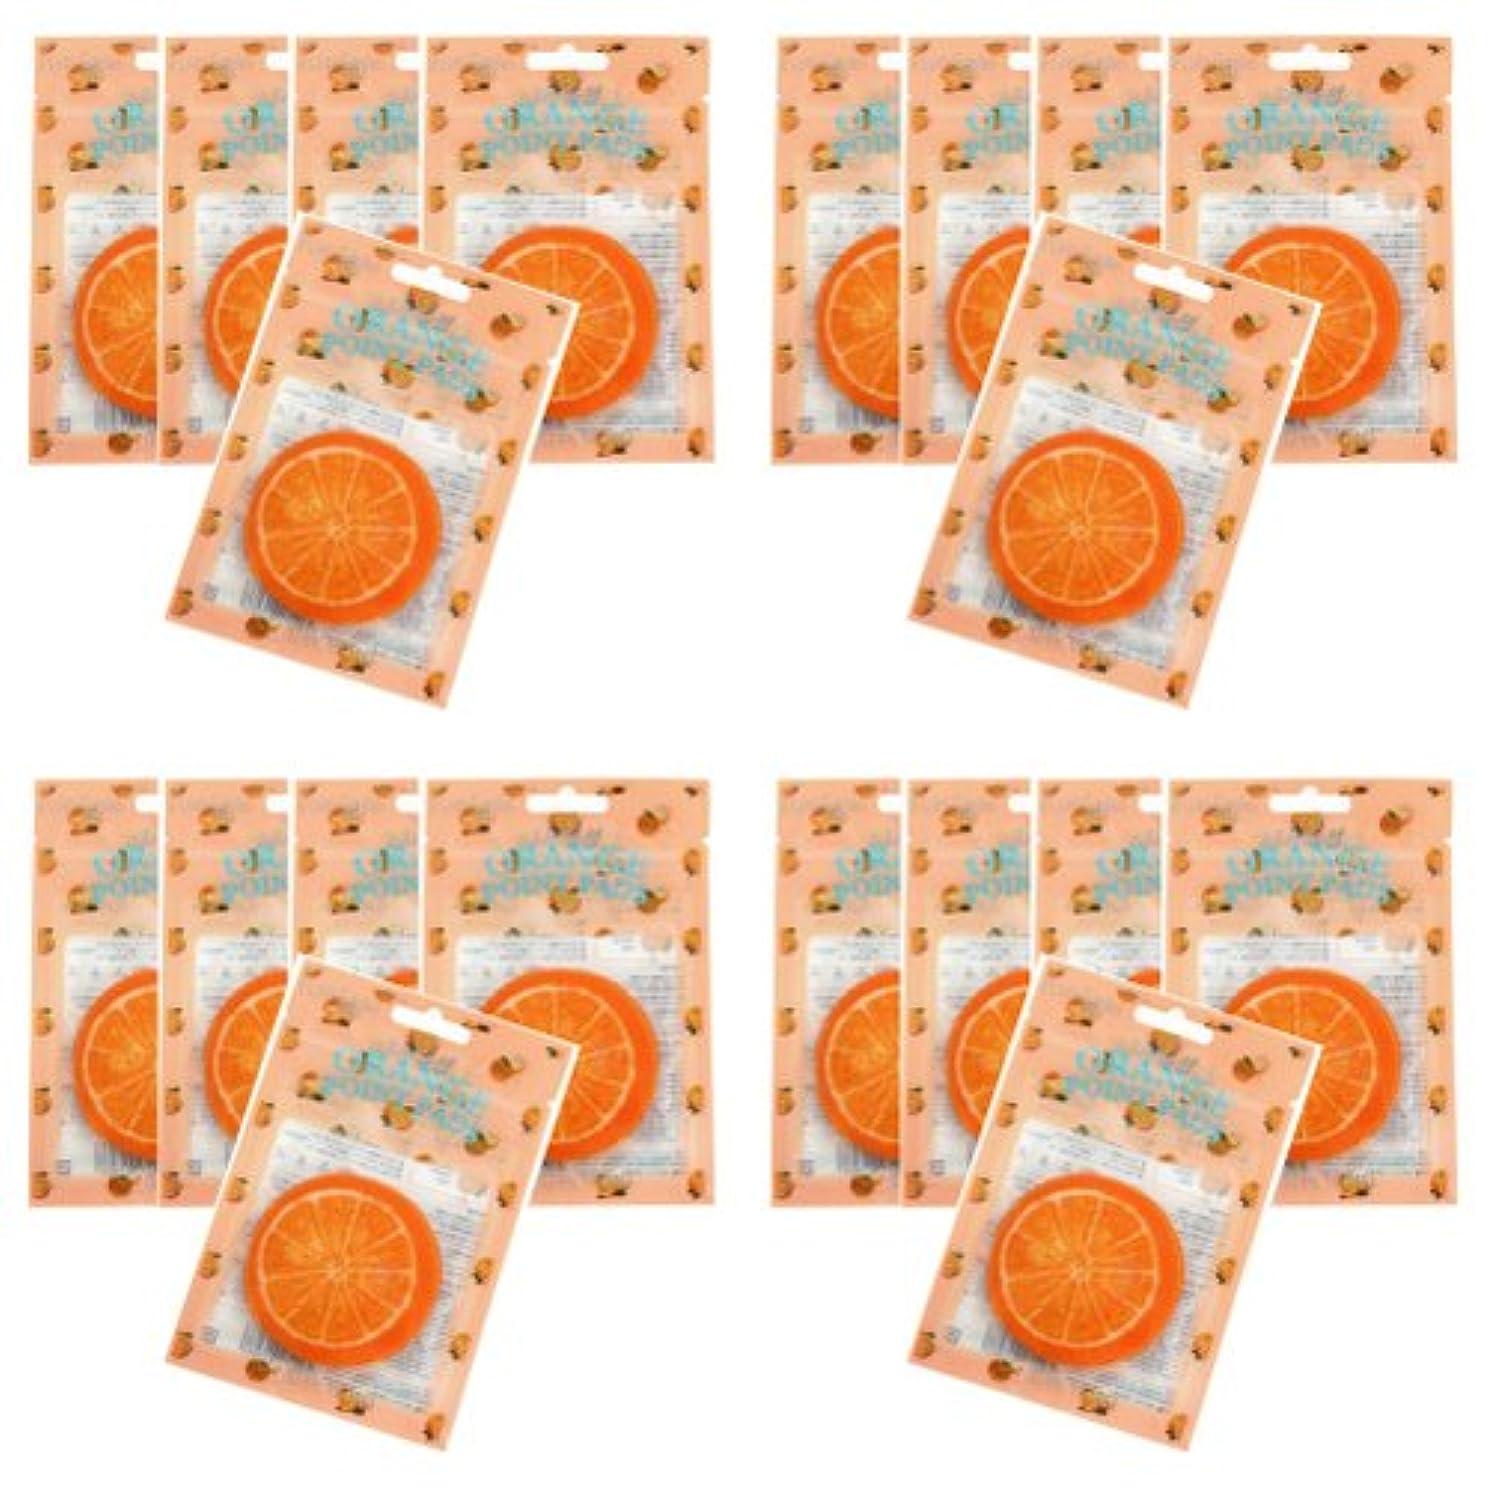 ペンスペレグリネーション滅びるピュアスマイル ジューシーポイントパッド オレンジ20パックセット(1パック10枚入 合計200枚)